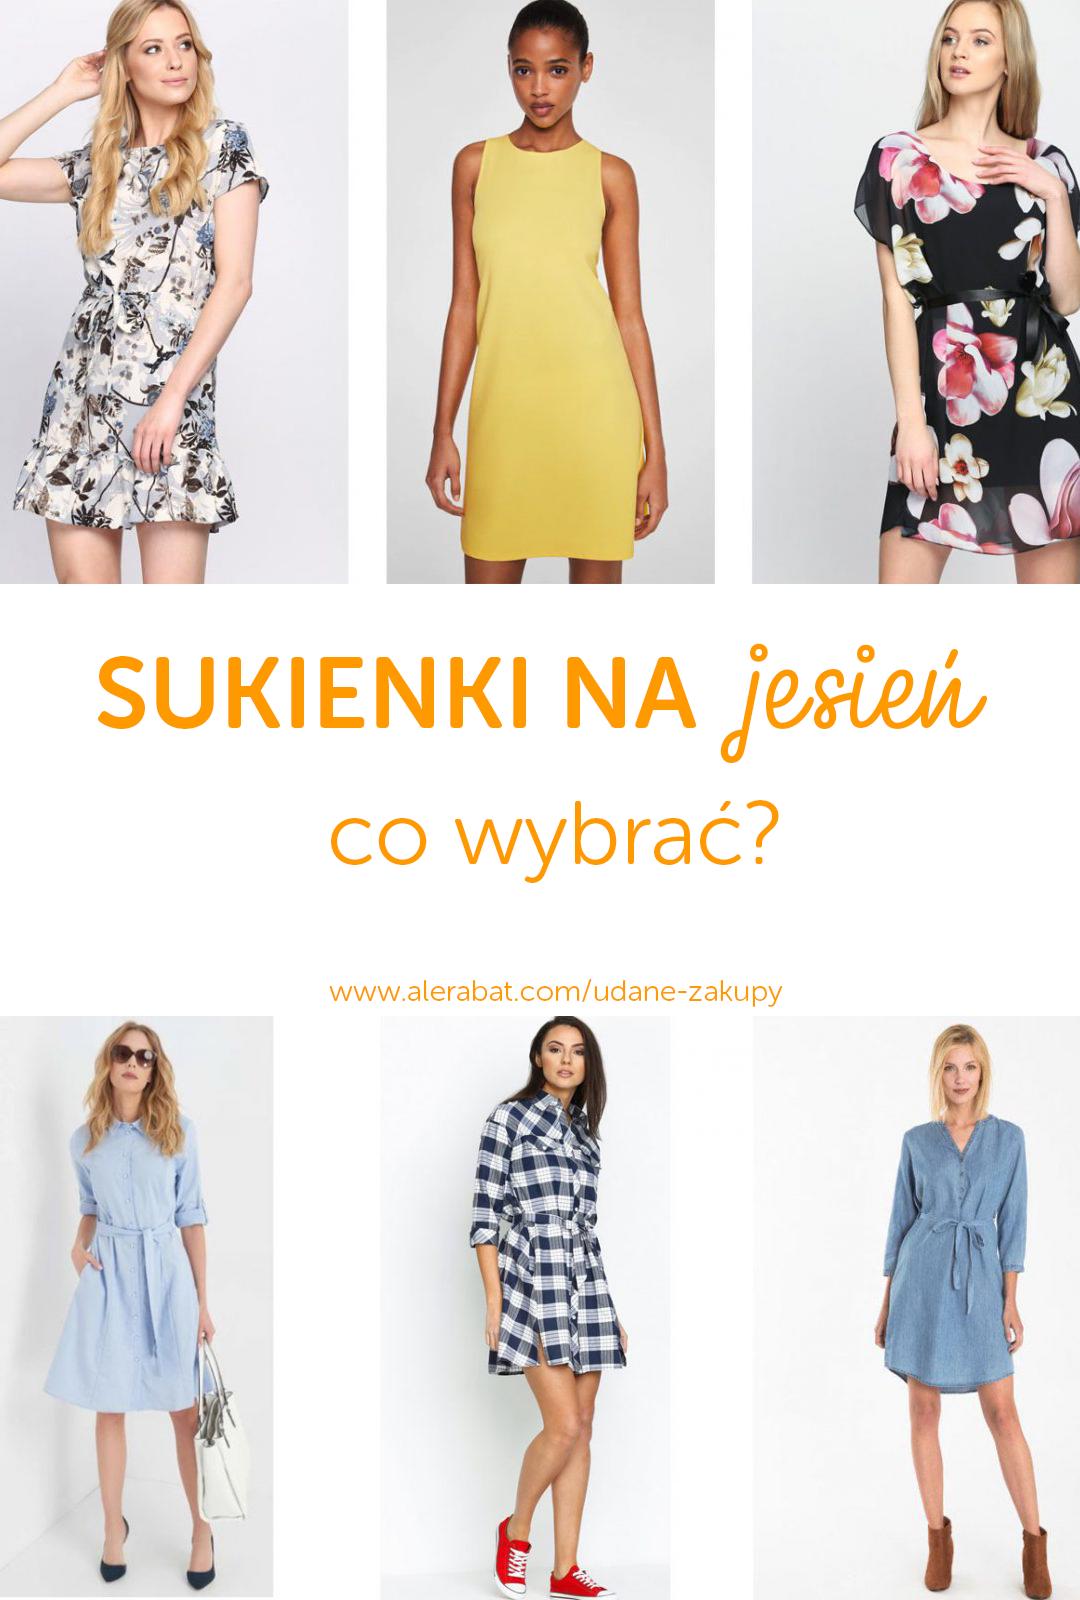 Sukienki Na Jesien Co Wybrac Udanezakupy Moda Jesien Fashion Moda Fashion Long Sleeve Dress